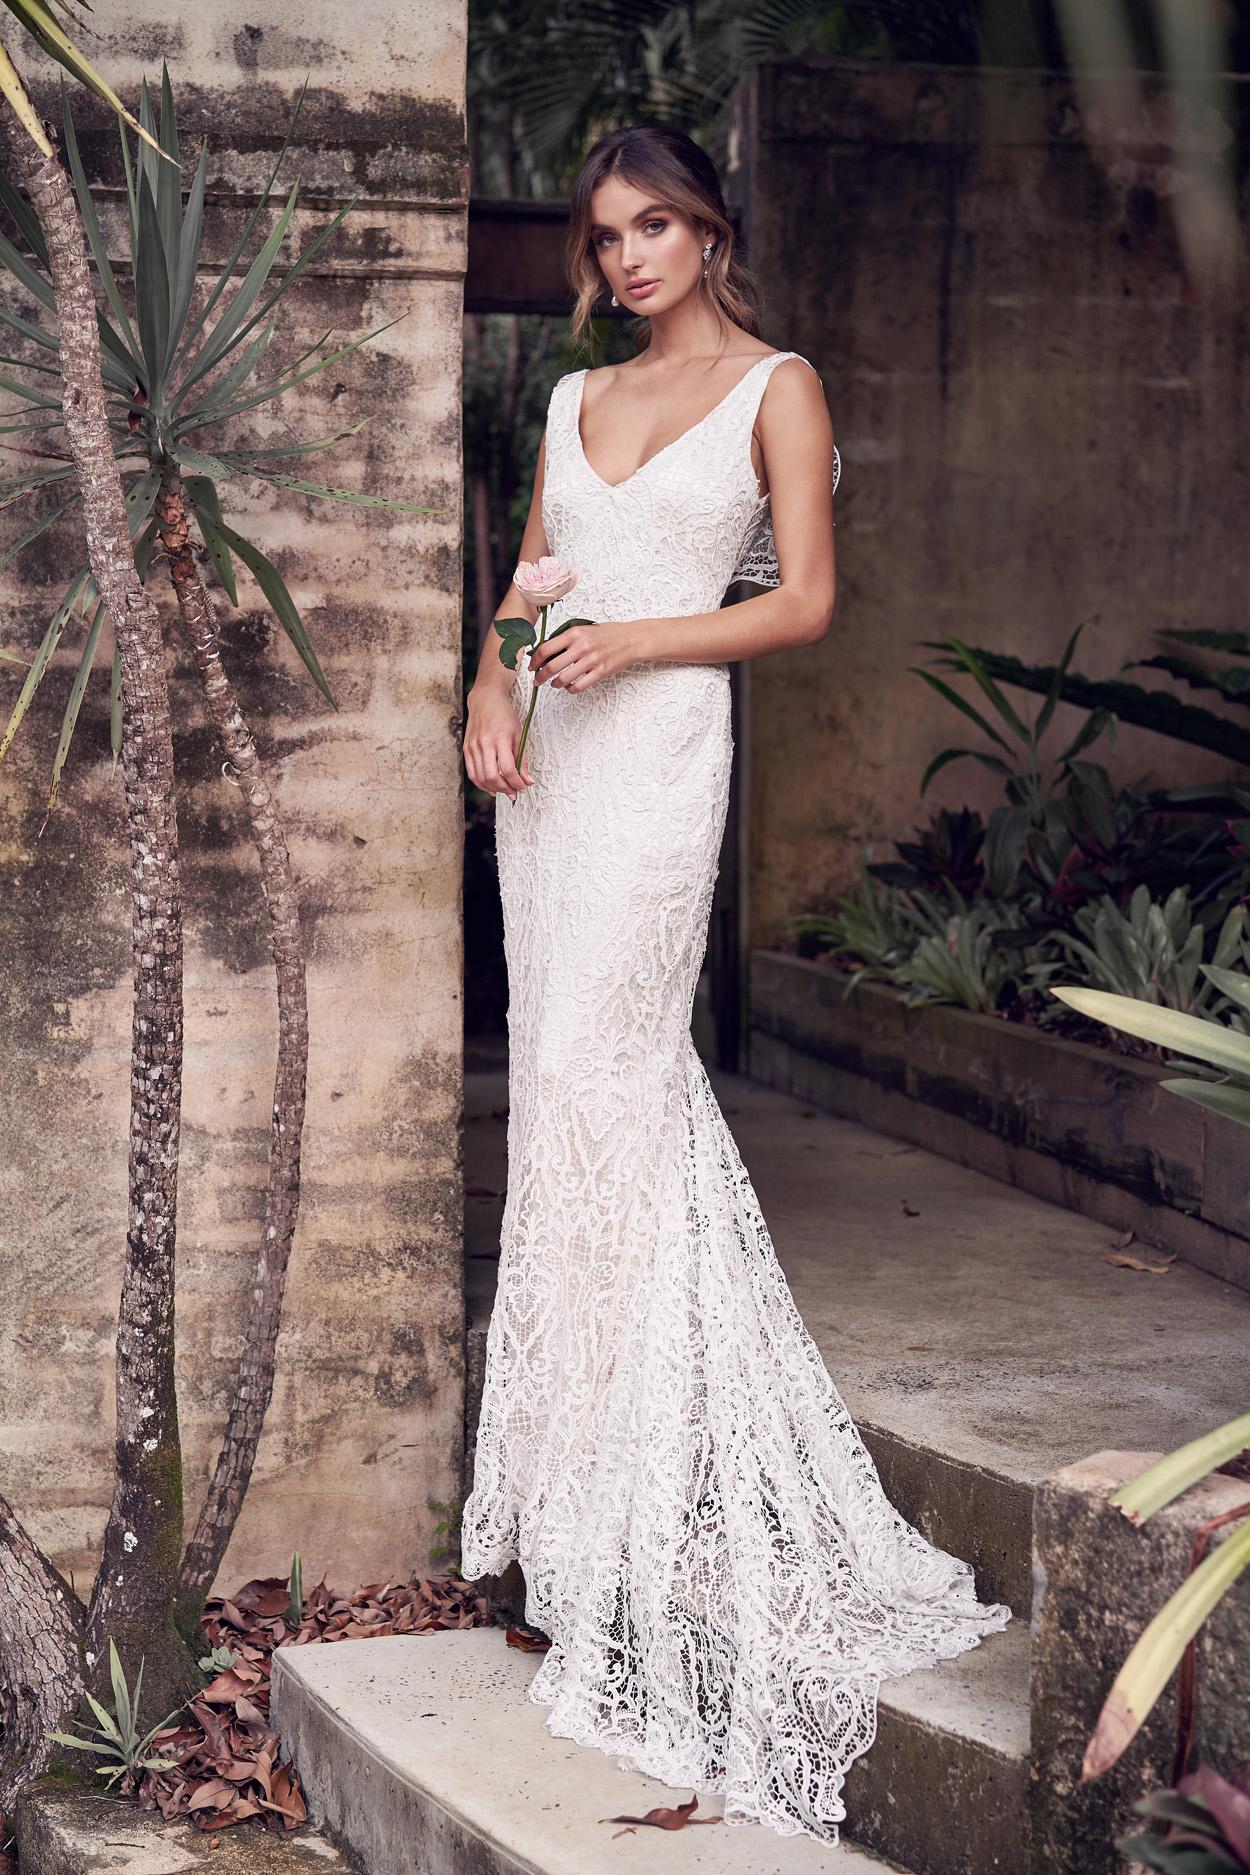 Kira_Dress_wanderlust_anna_campbell_wedding_Dress_inspire_Weddings_.jpg